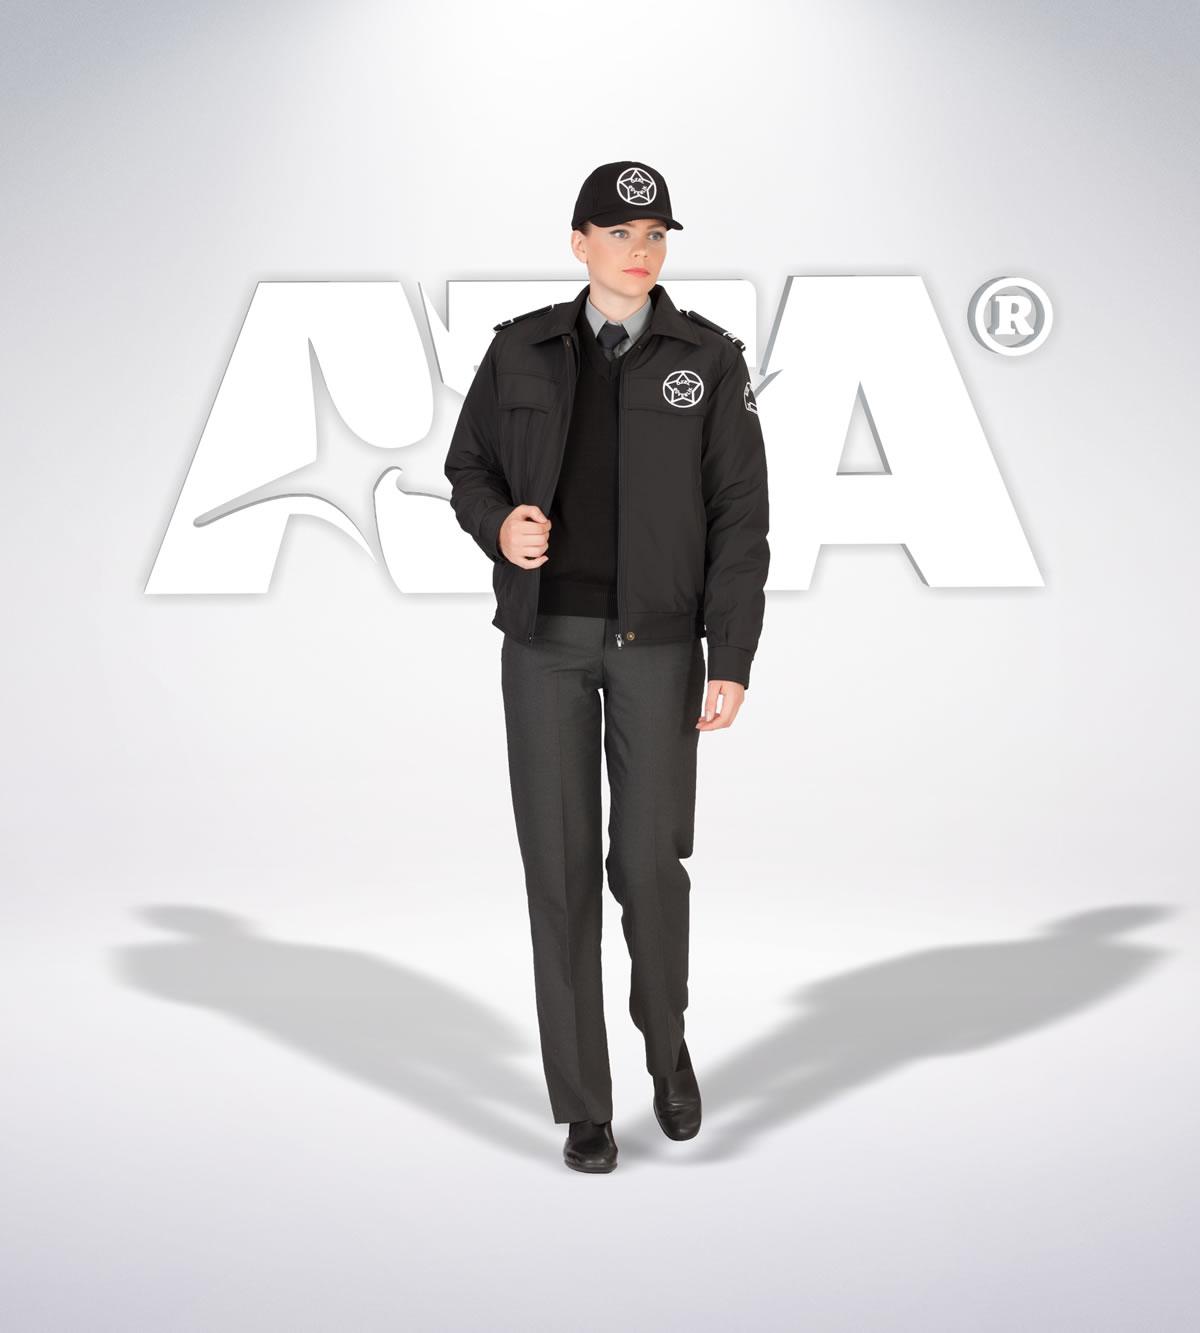 ATA 155 - ön - Pantolon kışlık -mont - aksesuar - güvenlik elbiseleri | güvenlik üniformaları | güvenlik kıyafetleri